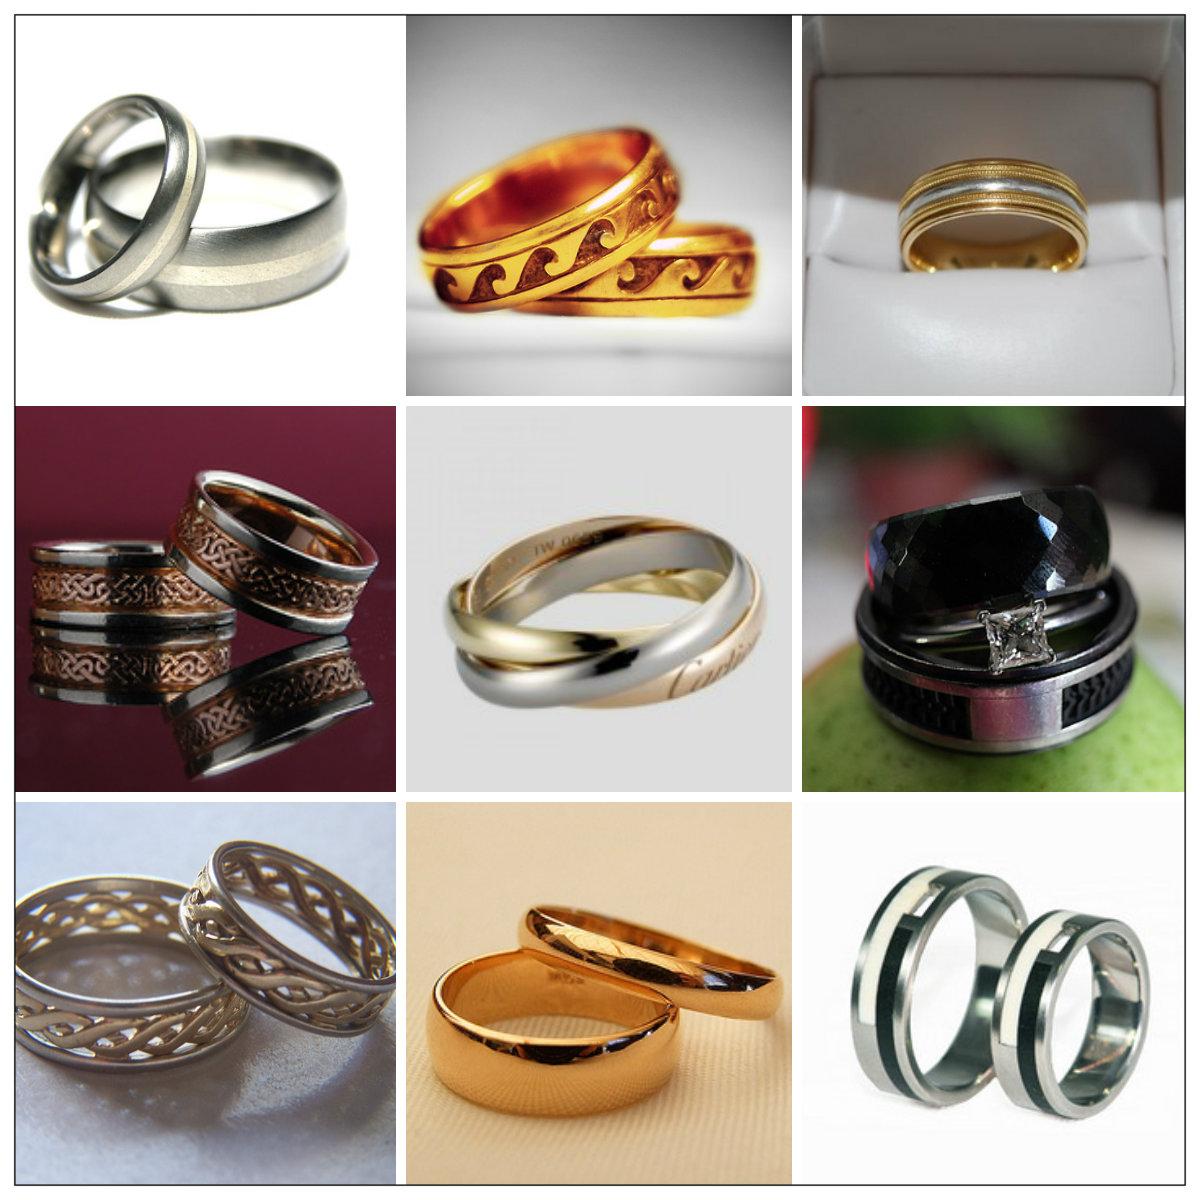 Форма обручального кольца – вопрос №1. Обручальные кольца для молодоженов  ... 94eea846fad